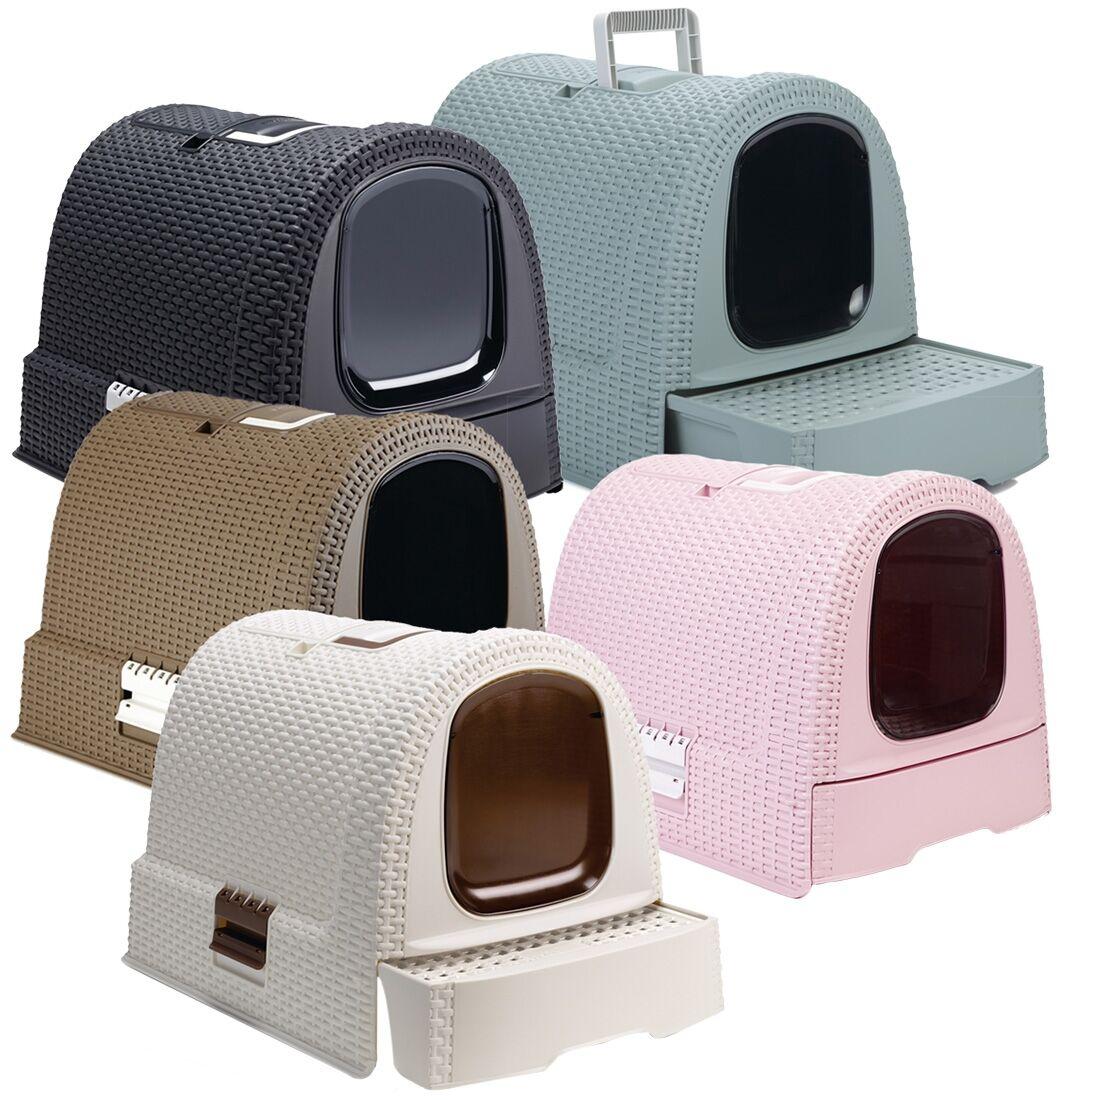 Curver Maison de toilette pour chat CURVER Couleur : Moka